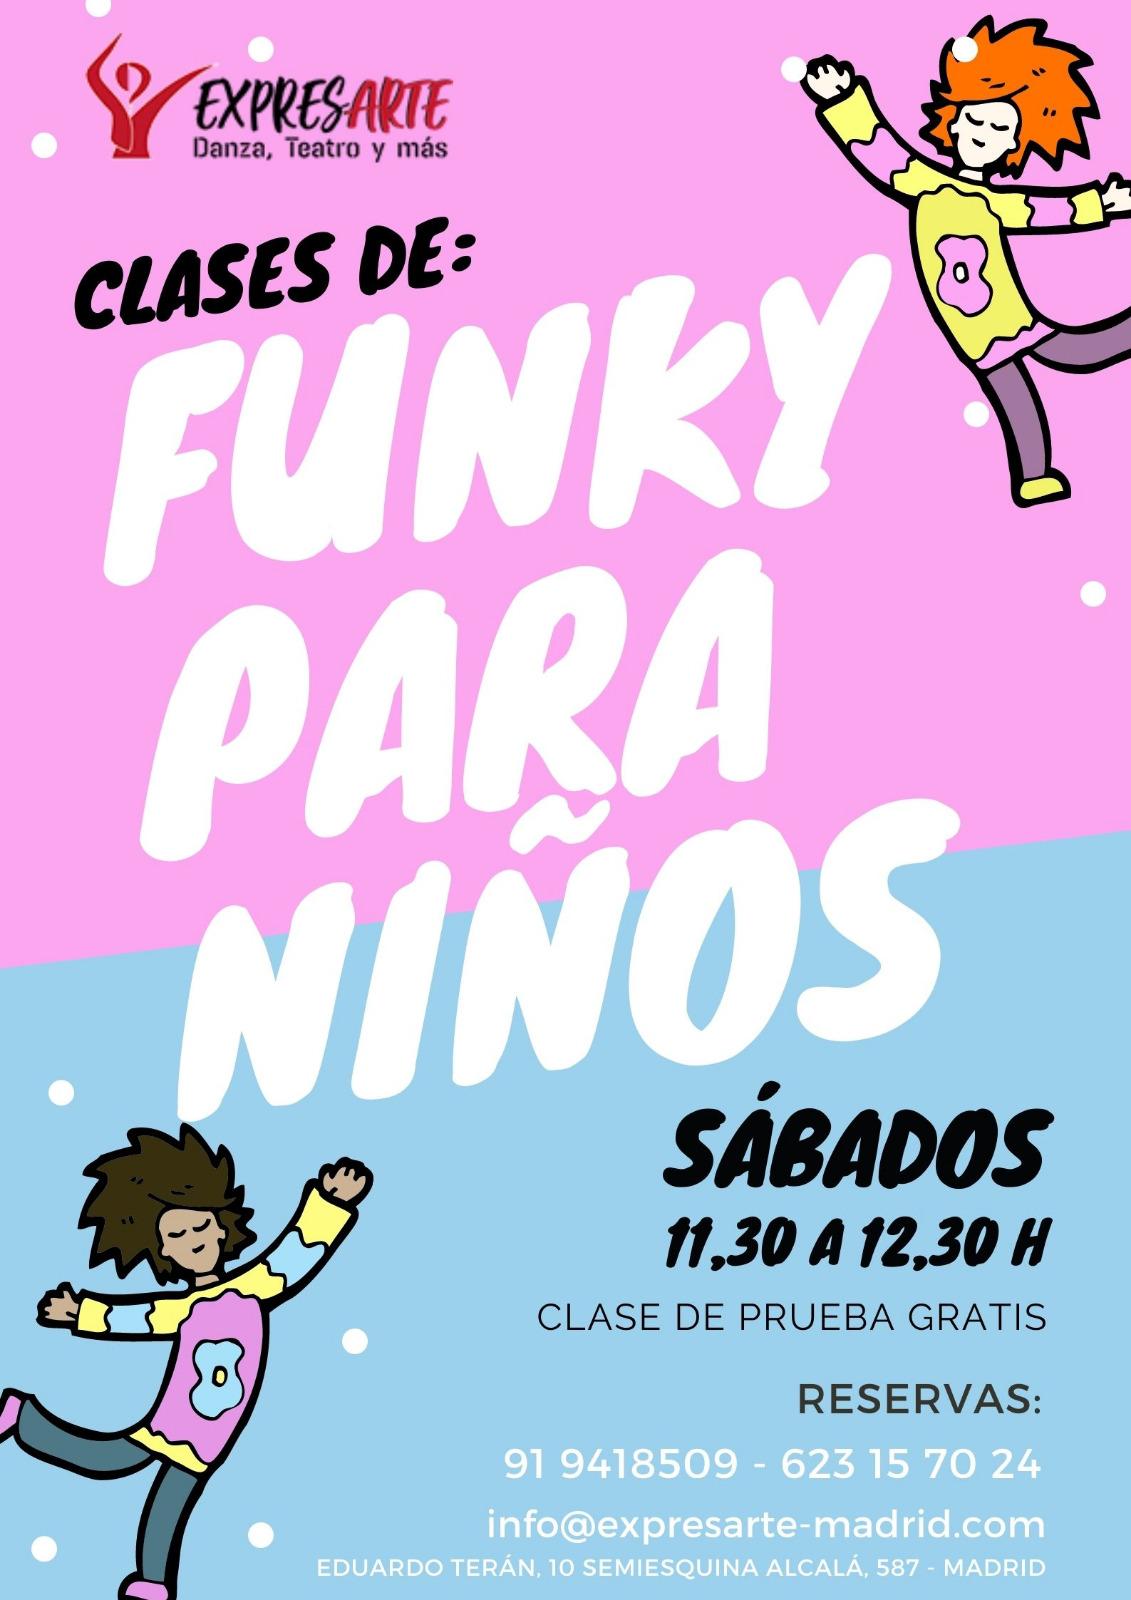 Clases de funky para niños